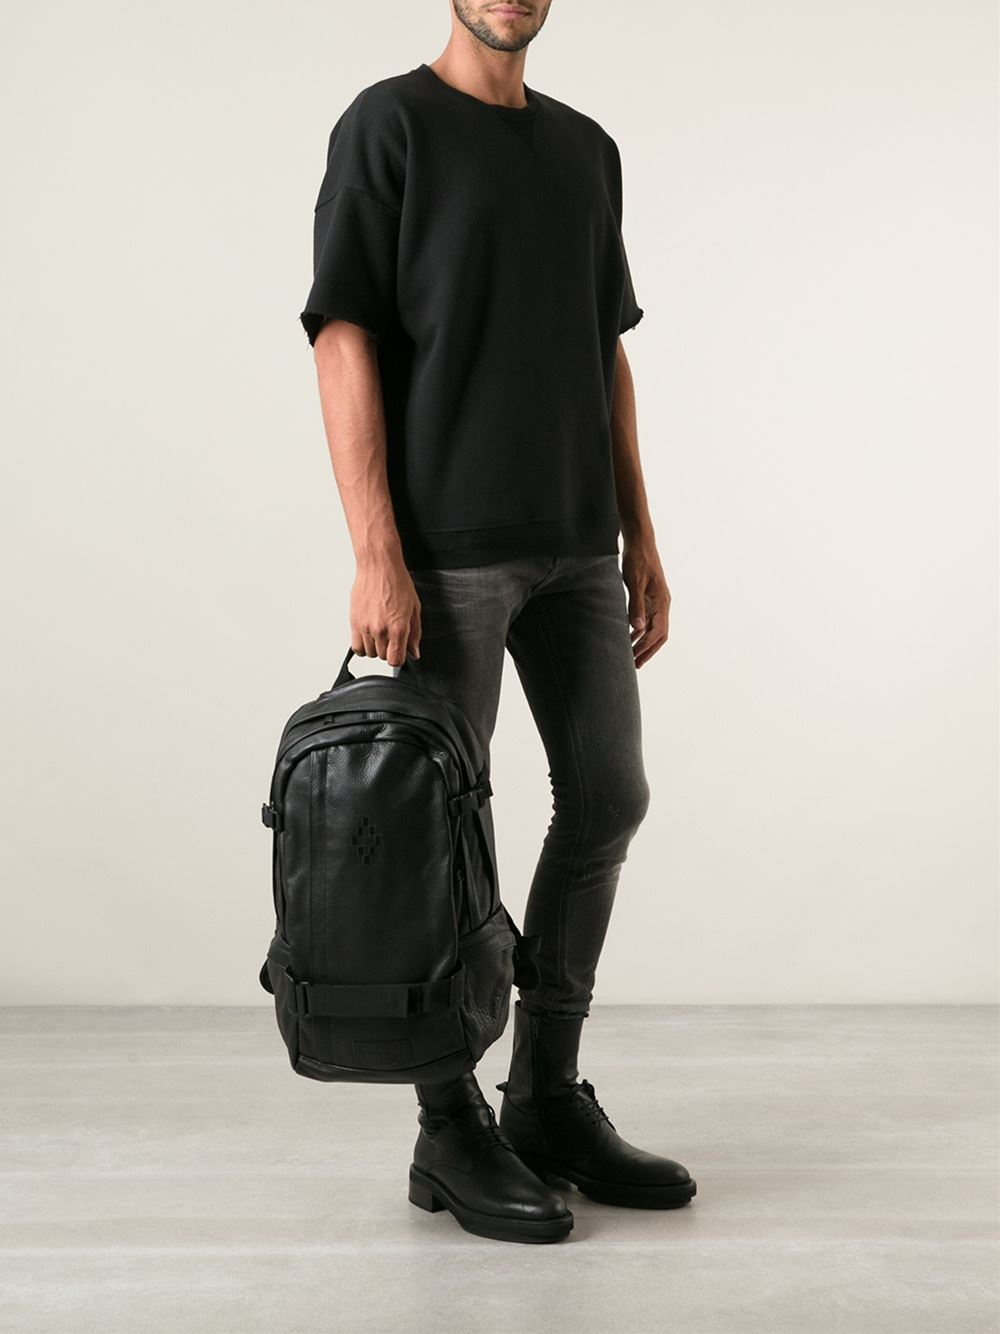 Marcelo burlon 'Marcelo Burlon For Eastpak' Backpack in Black for ...